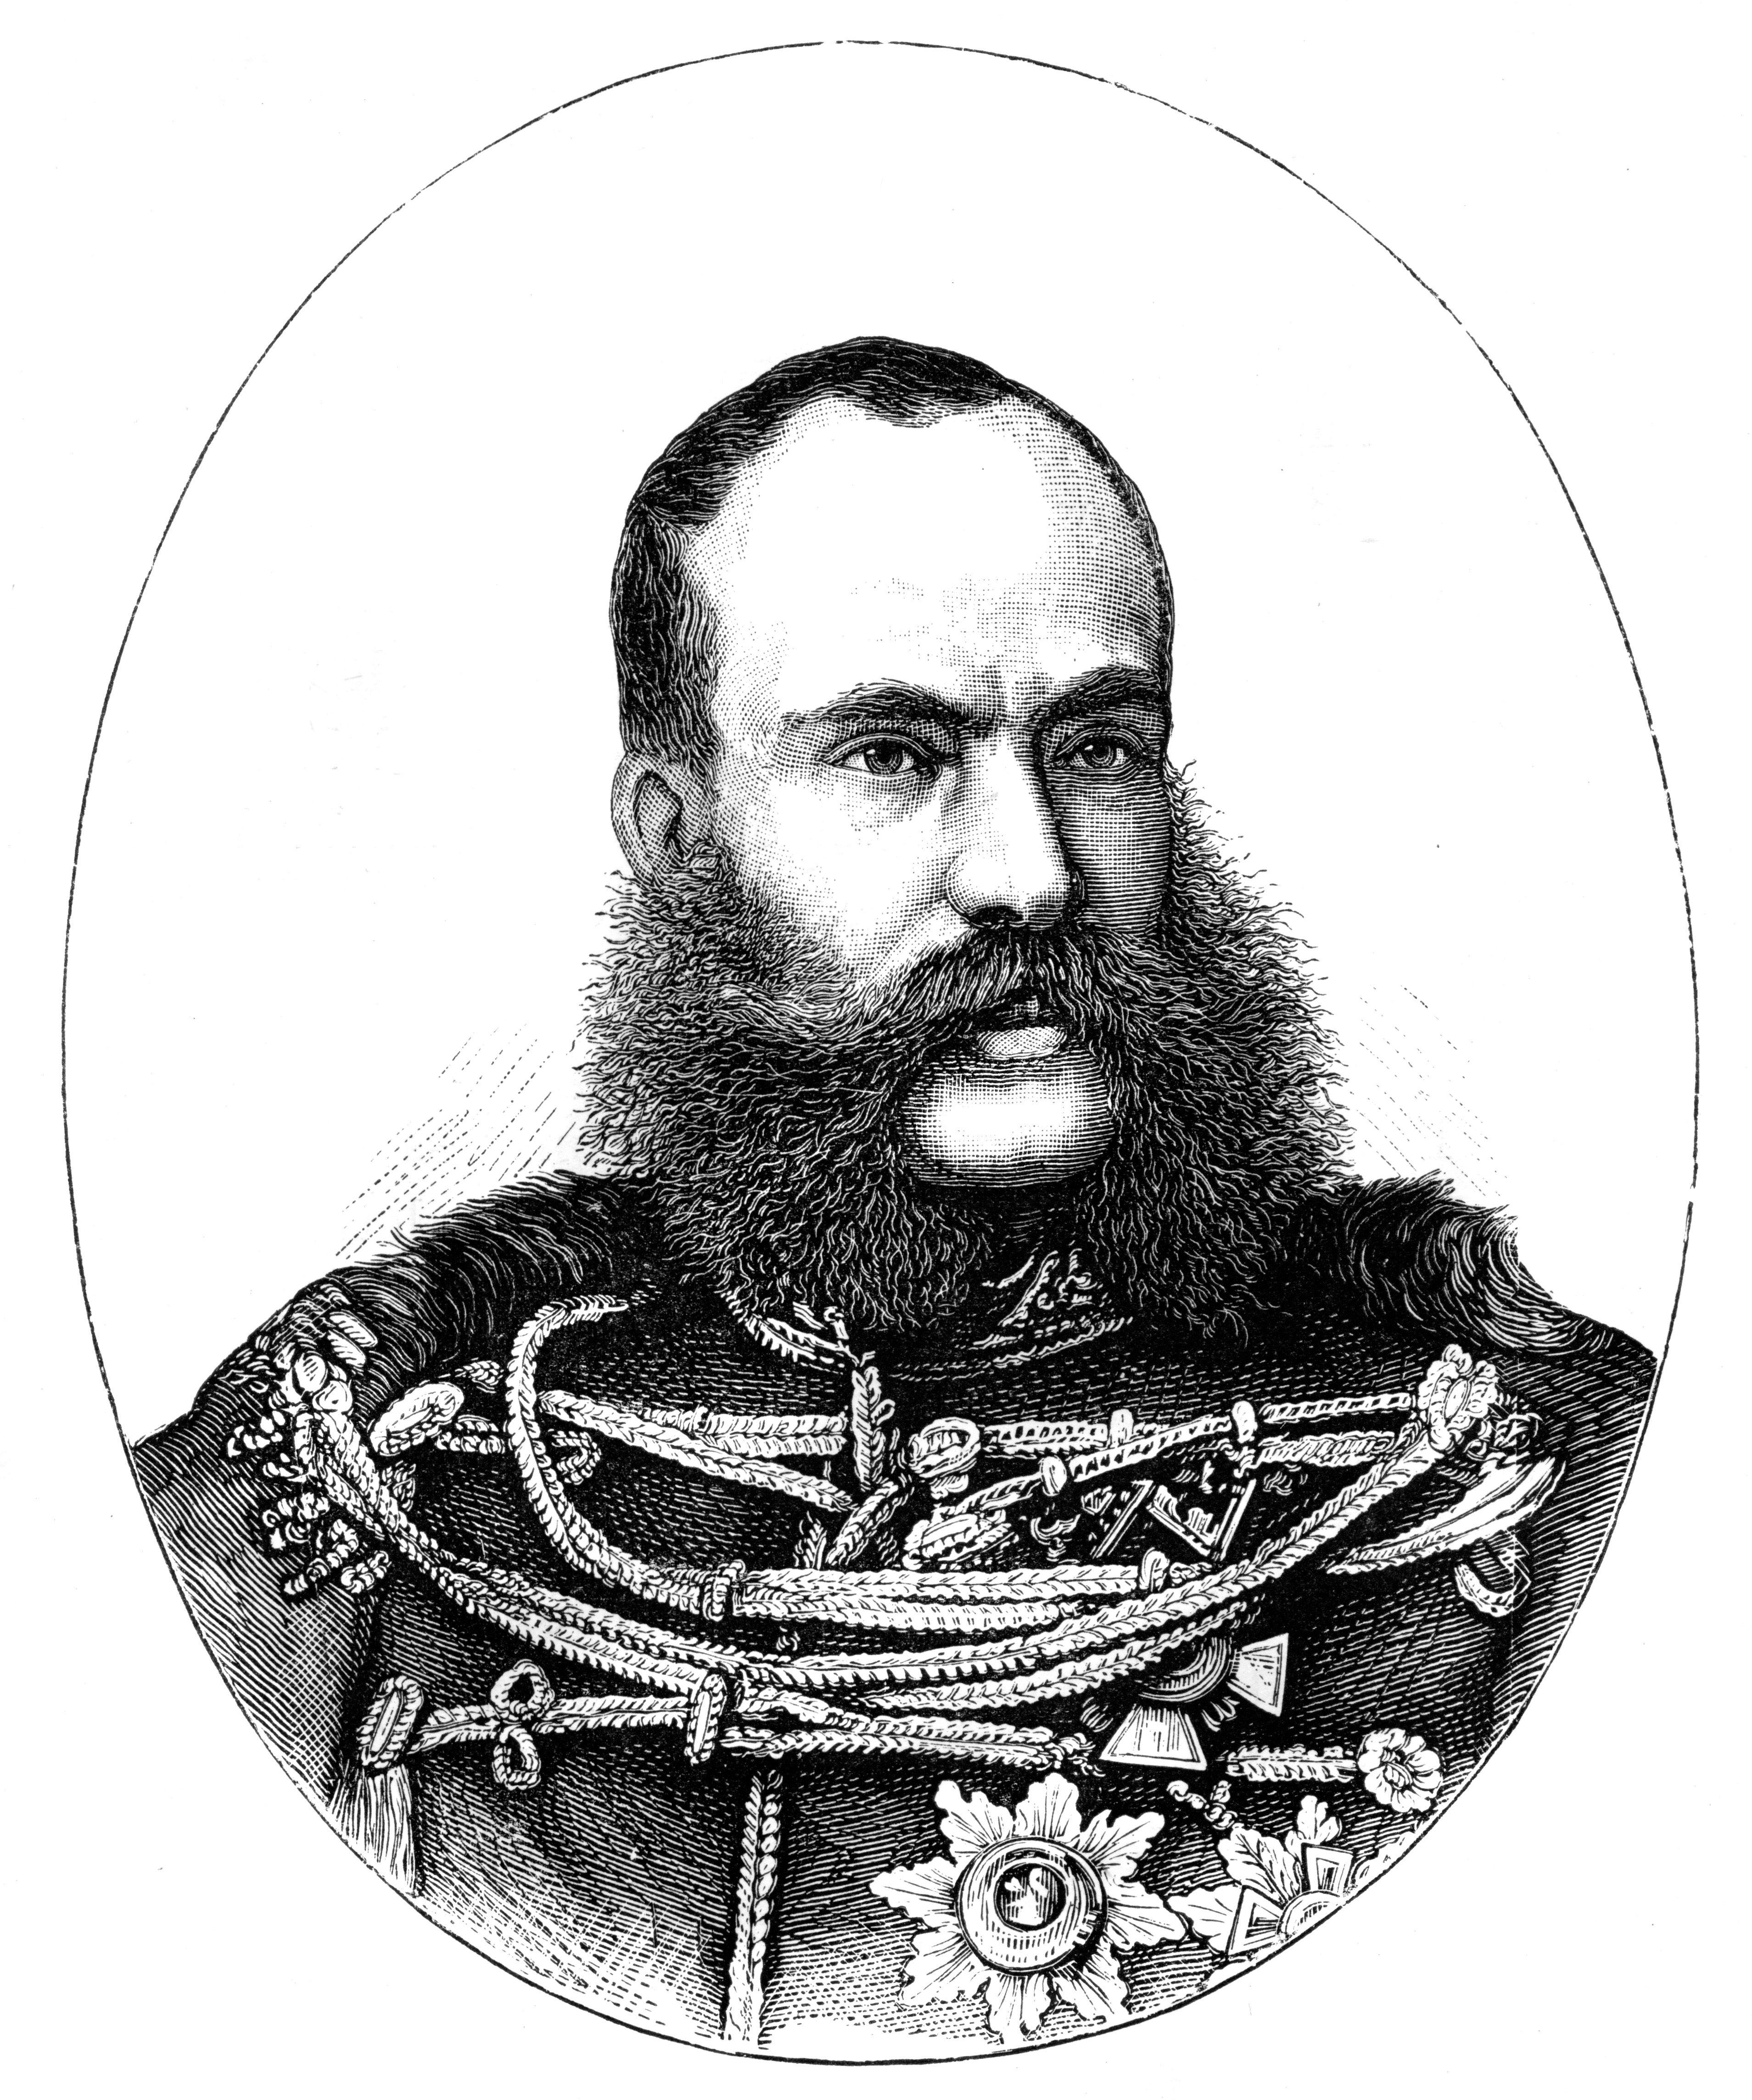 Franz Joseph I (1830-1916), Emperor of Austria